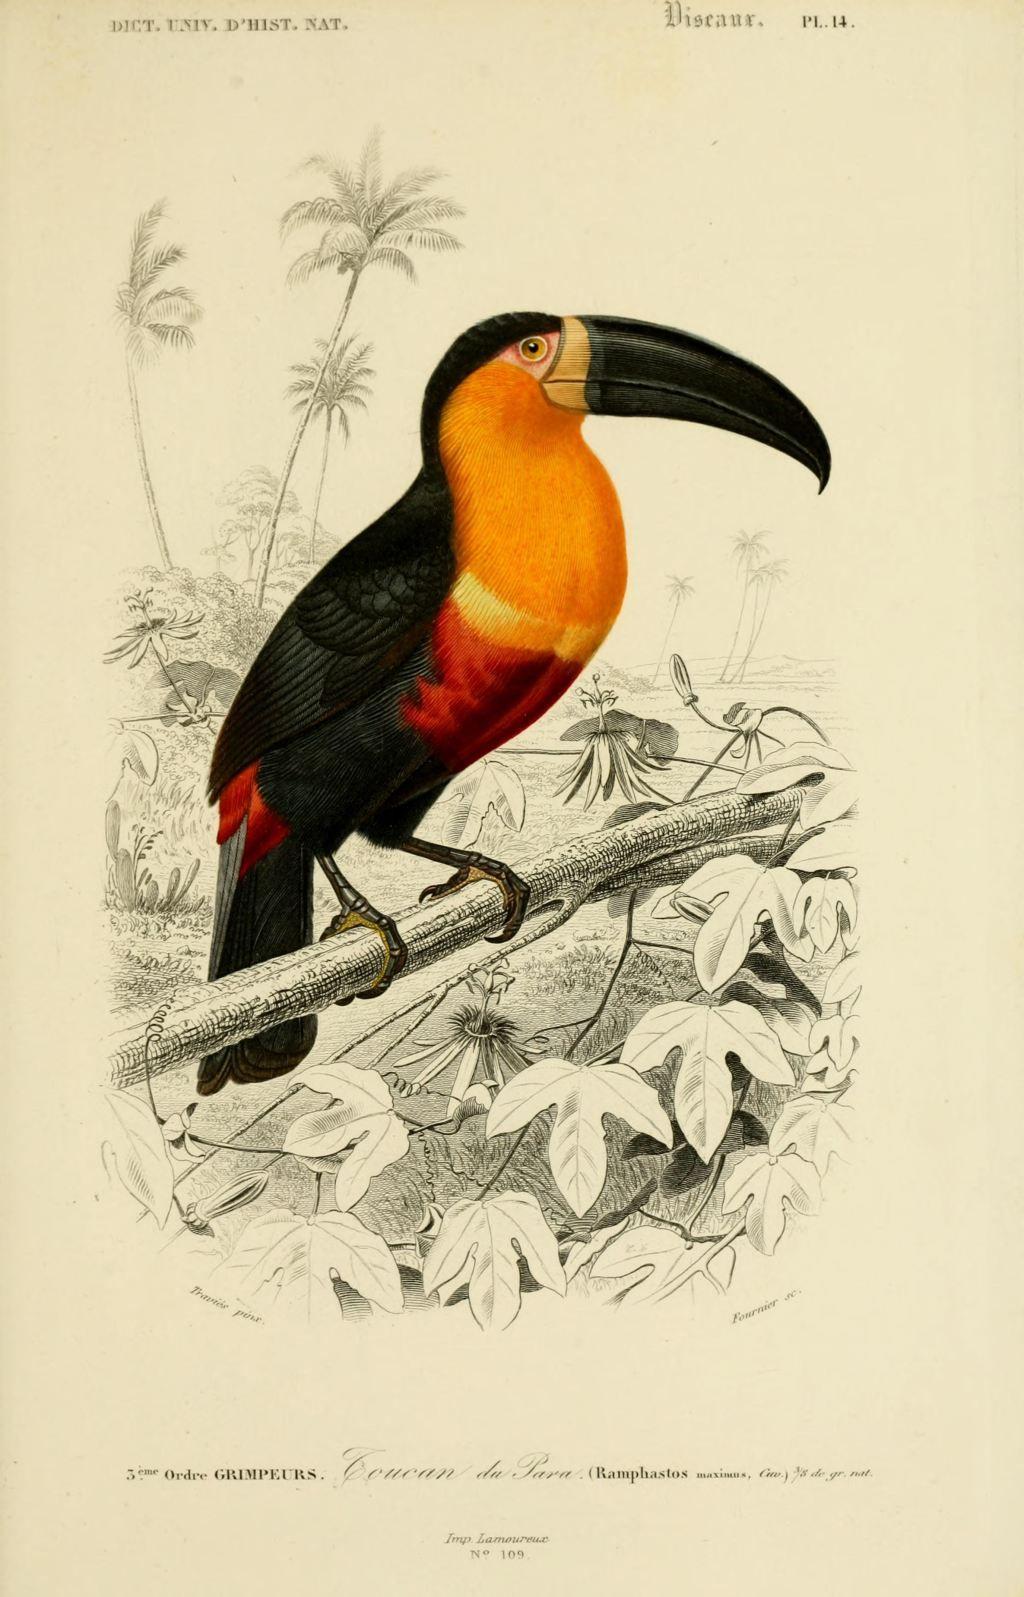 gravures couleur d'oiseaux - Gravure oiseau 0247 toucan de ...